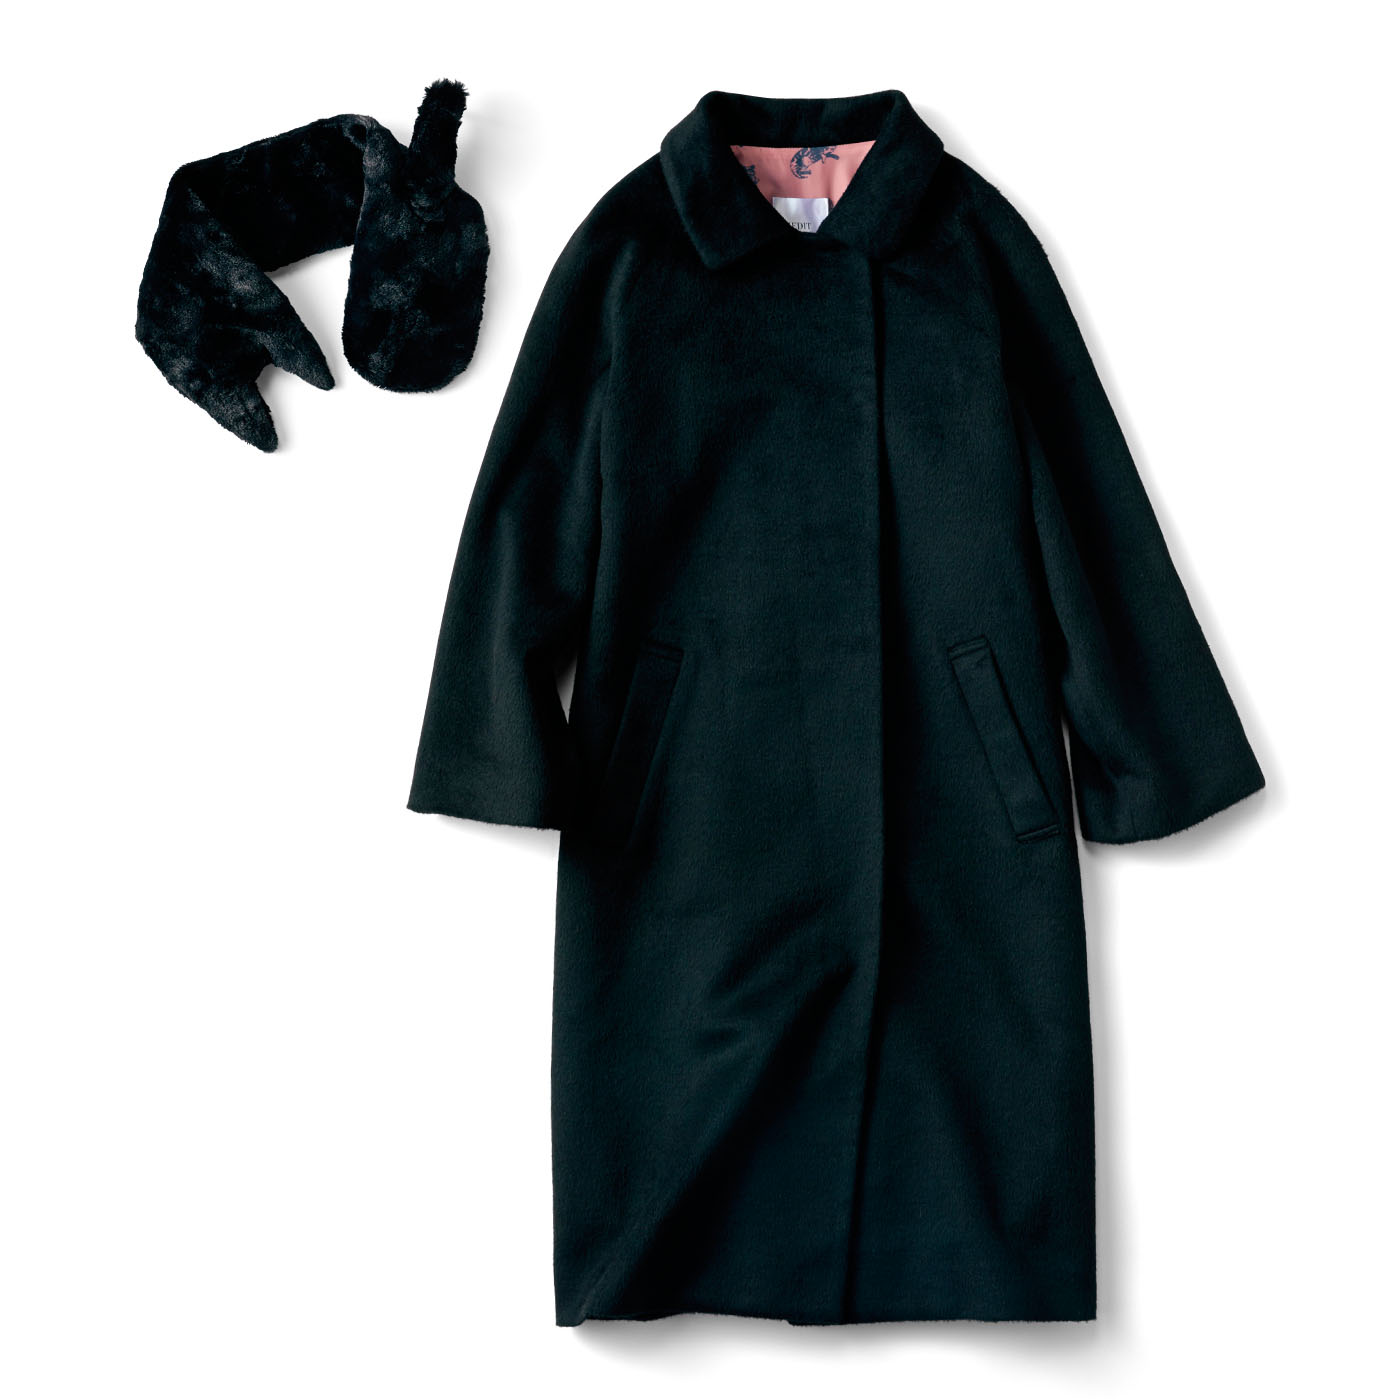 スカートにもパンツにも合わせやすい、ベーシックな形のコートです。黒猫のティペットつき!